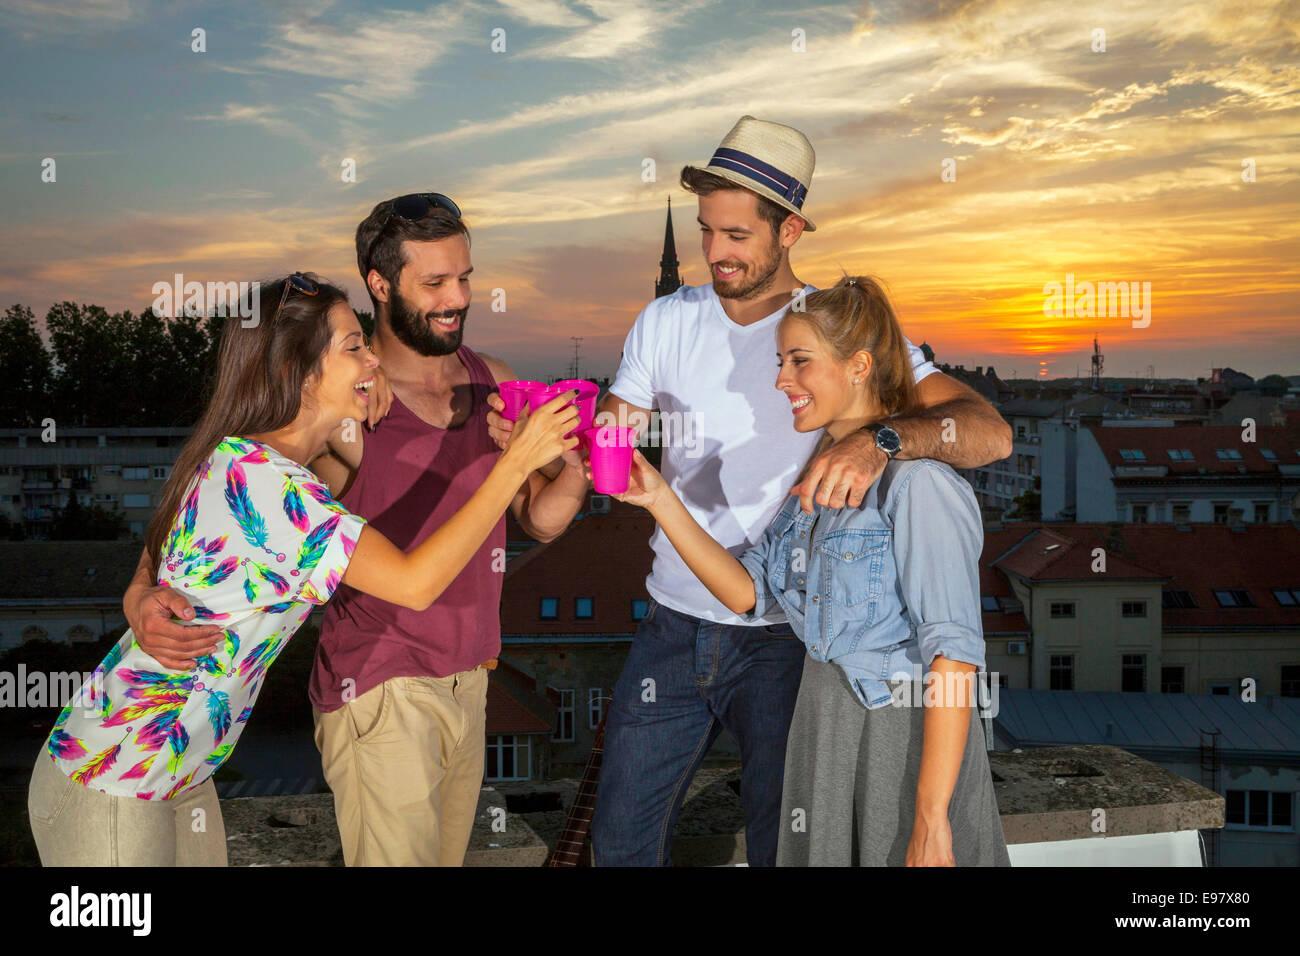 Los jóvenes se diviertan en parte de la azotea Imagen De Stock